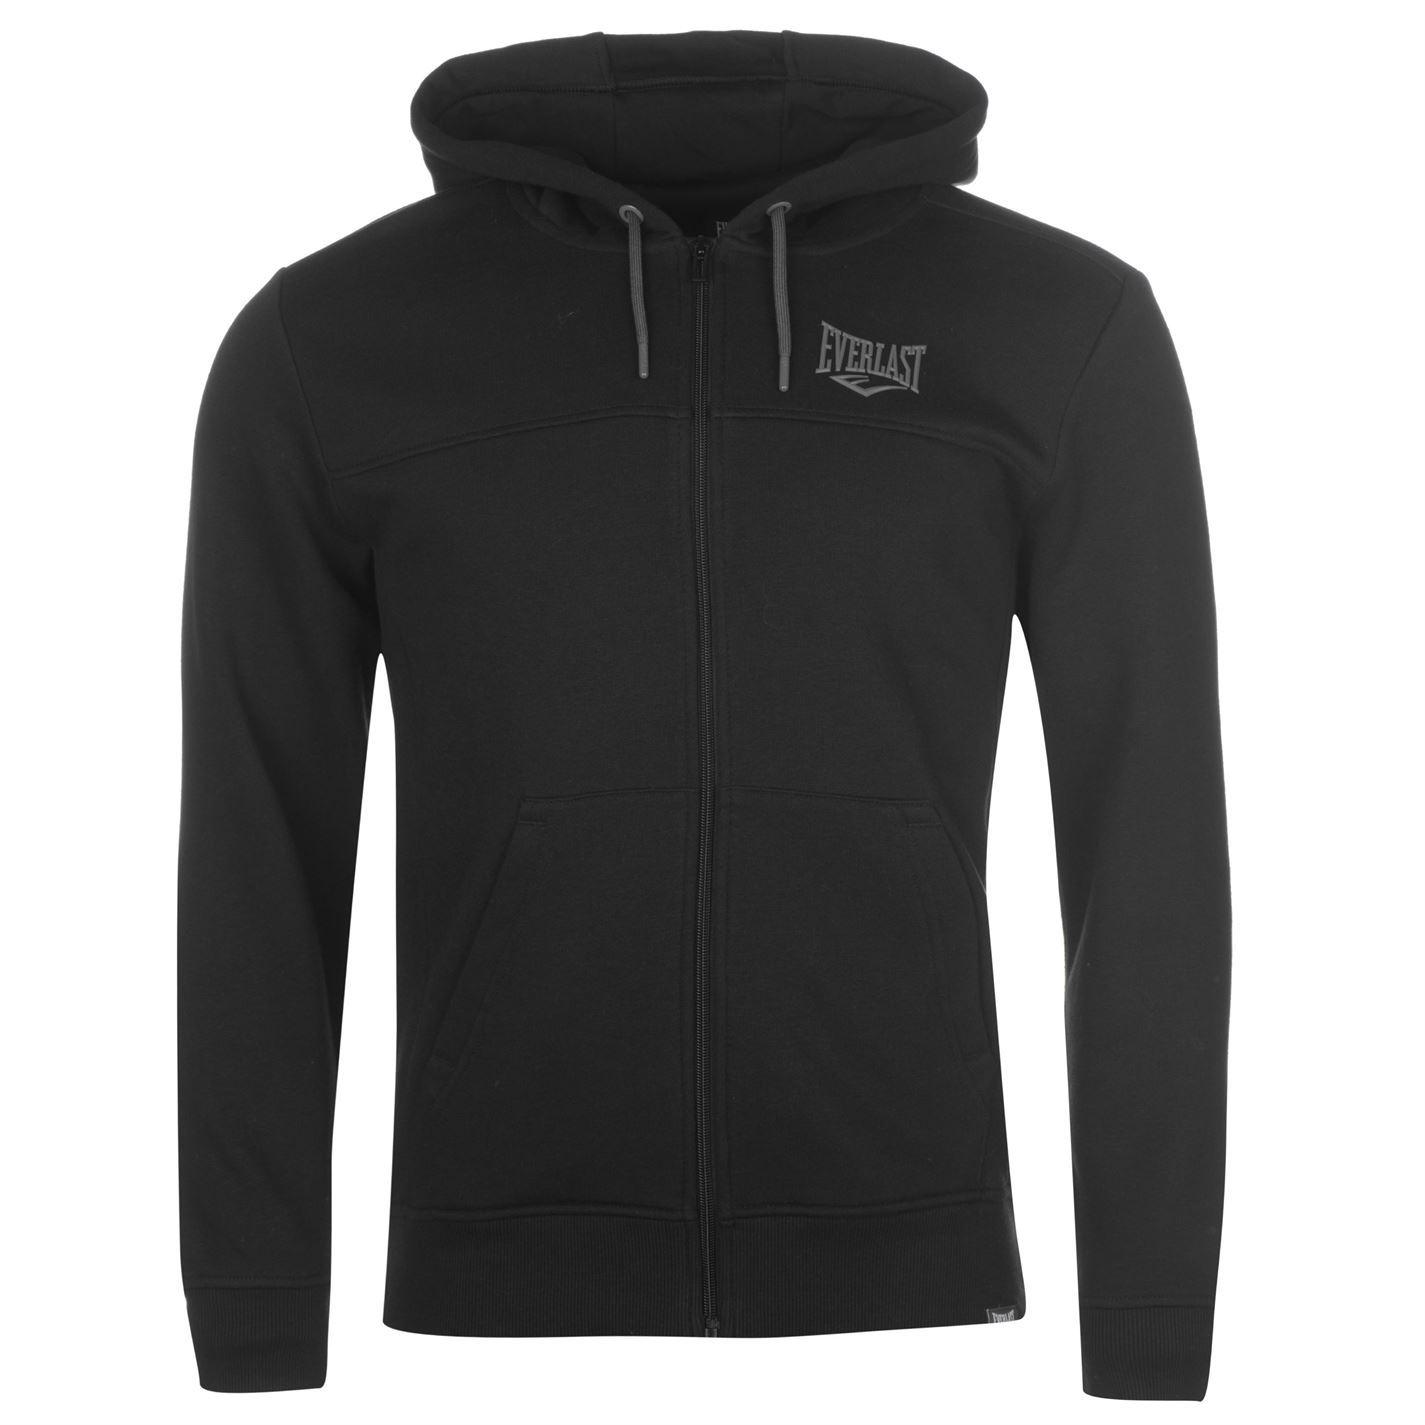 Everlast-Logo-Full-Zip-Hoody-Jacket-Mens-Hoodie-Sweatshirt-Sweater-Hooded-Top thumbnail 5